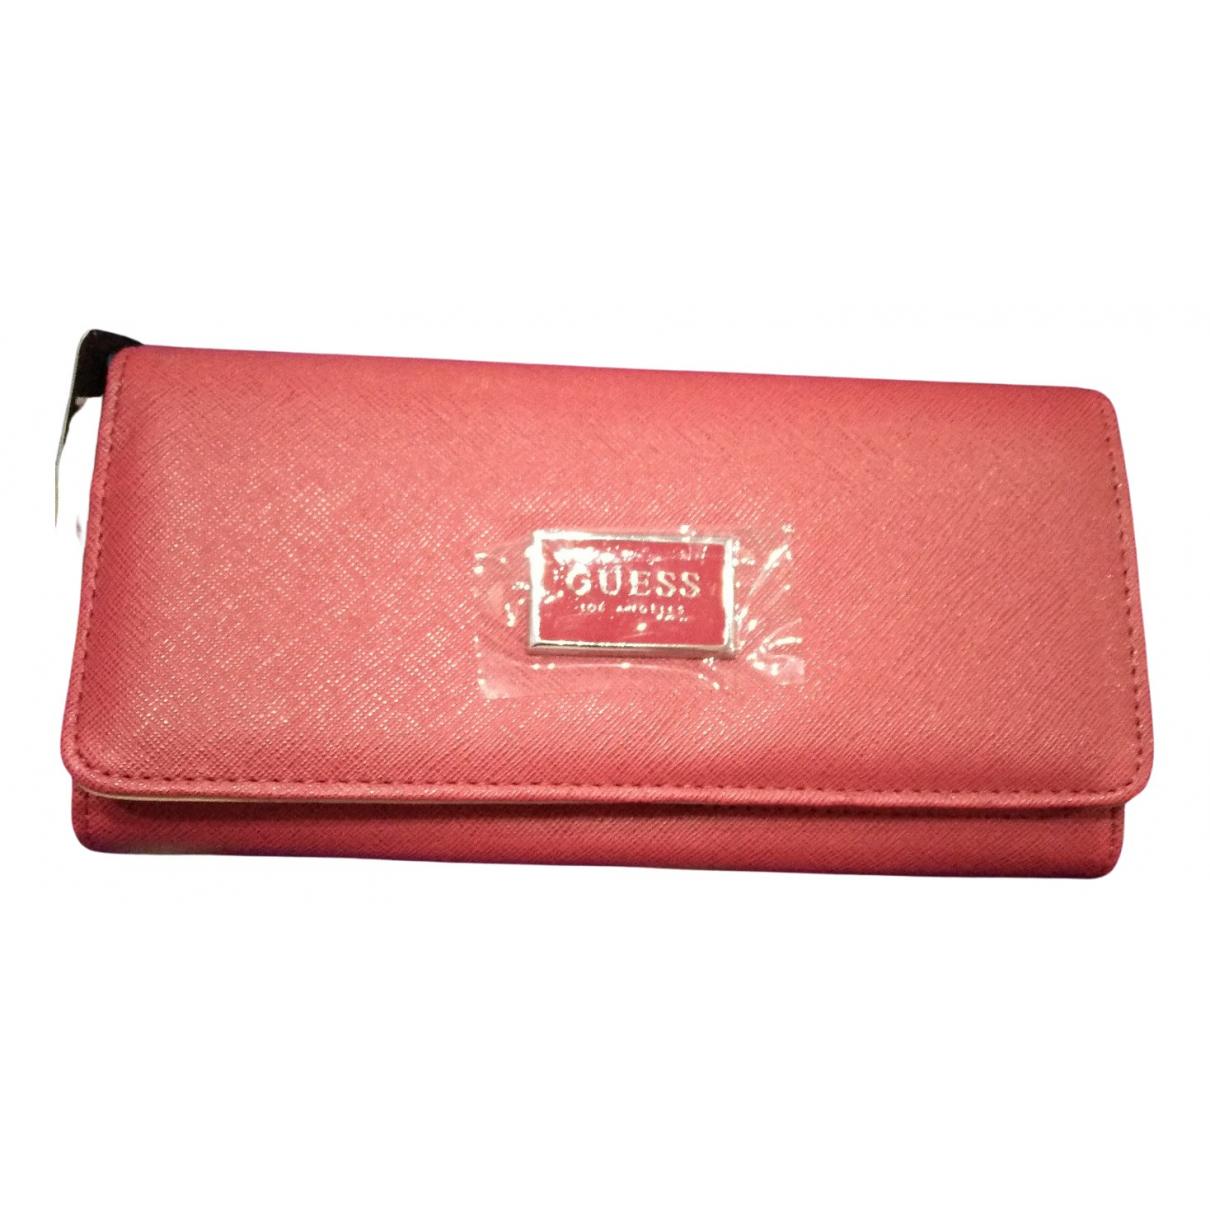 Guess - Portefeuille   pour femme en autre - rouge